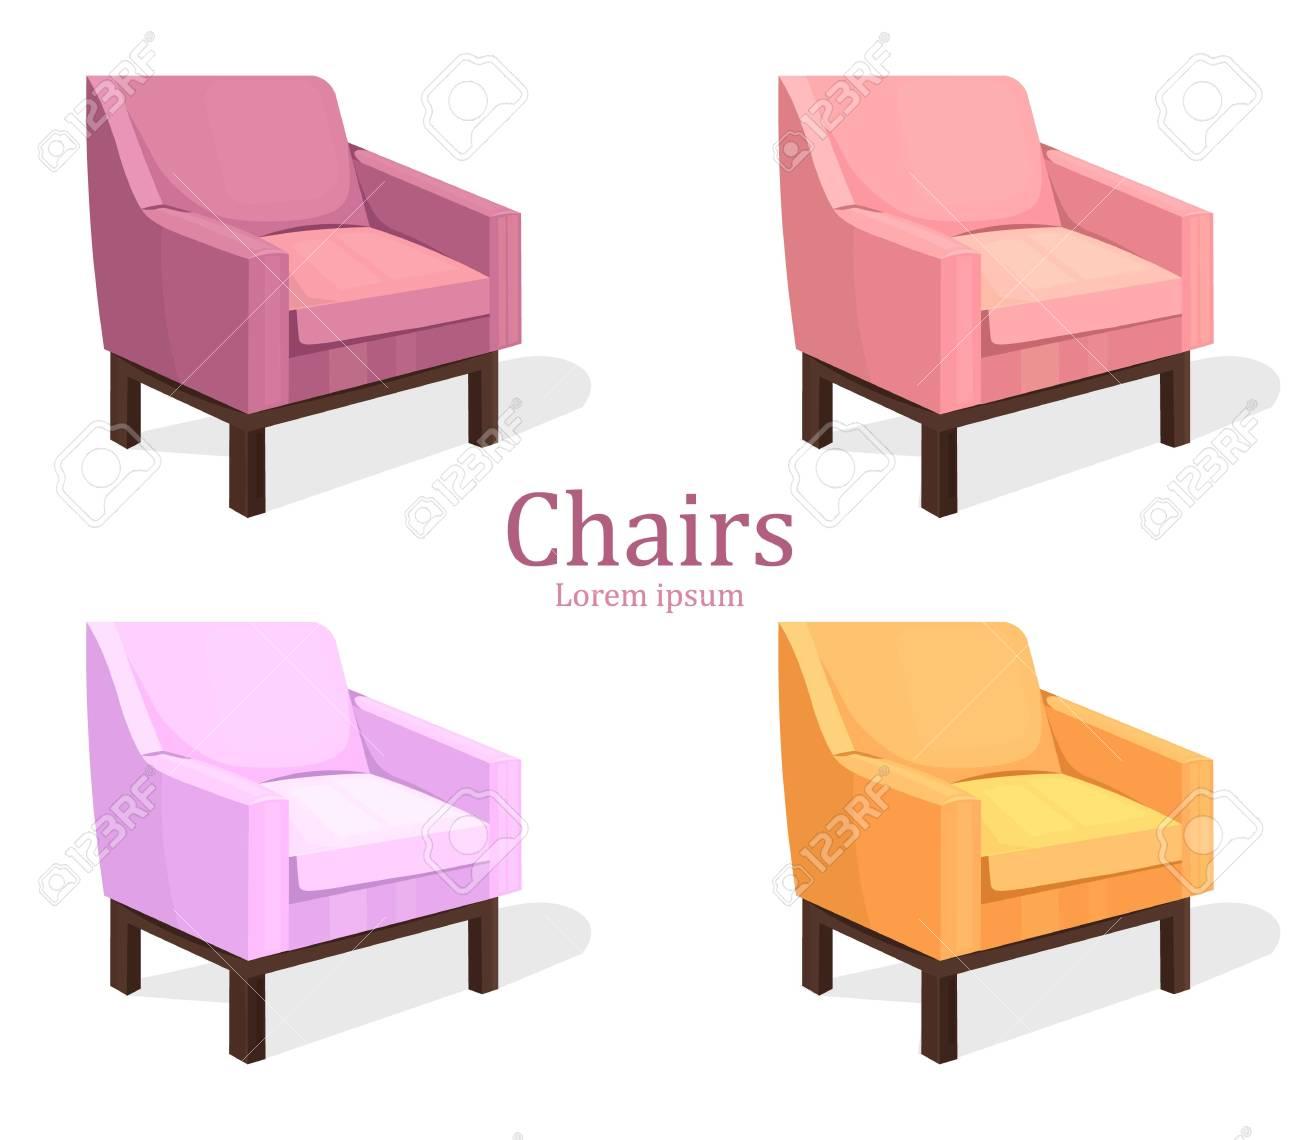 Malerisch Bunte Stühle Foto Von Stühle Stellten Vektor Ein. Moderne Polster Kollektionen